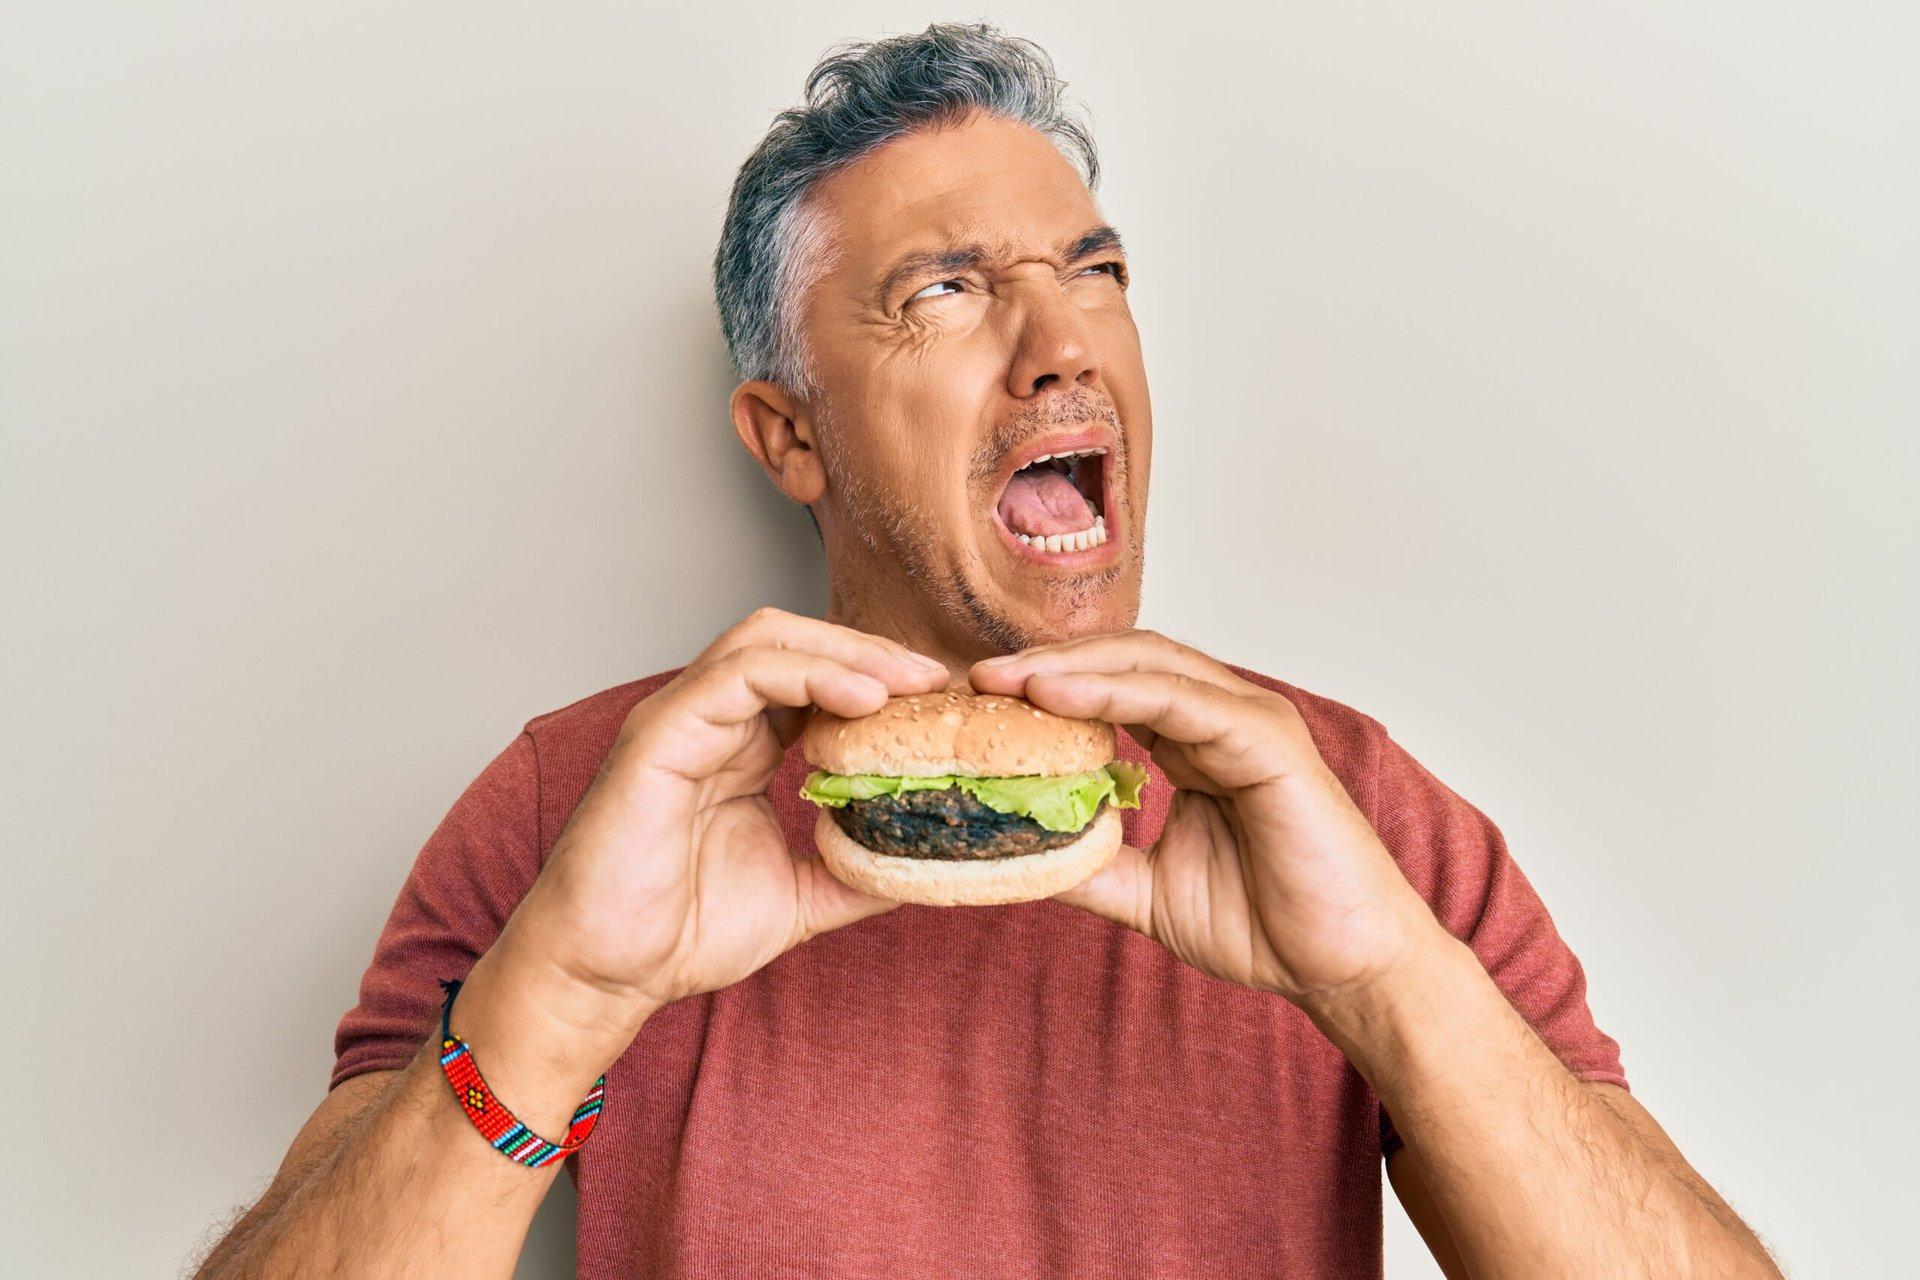 Unhappy man eating a burger